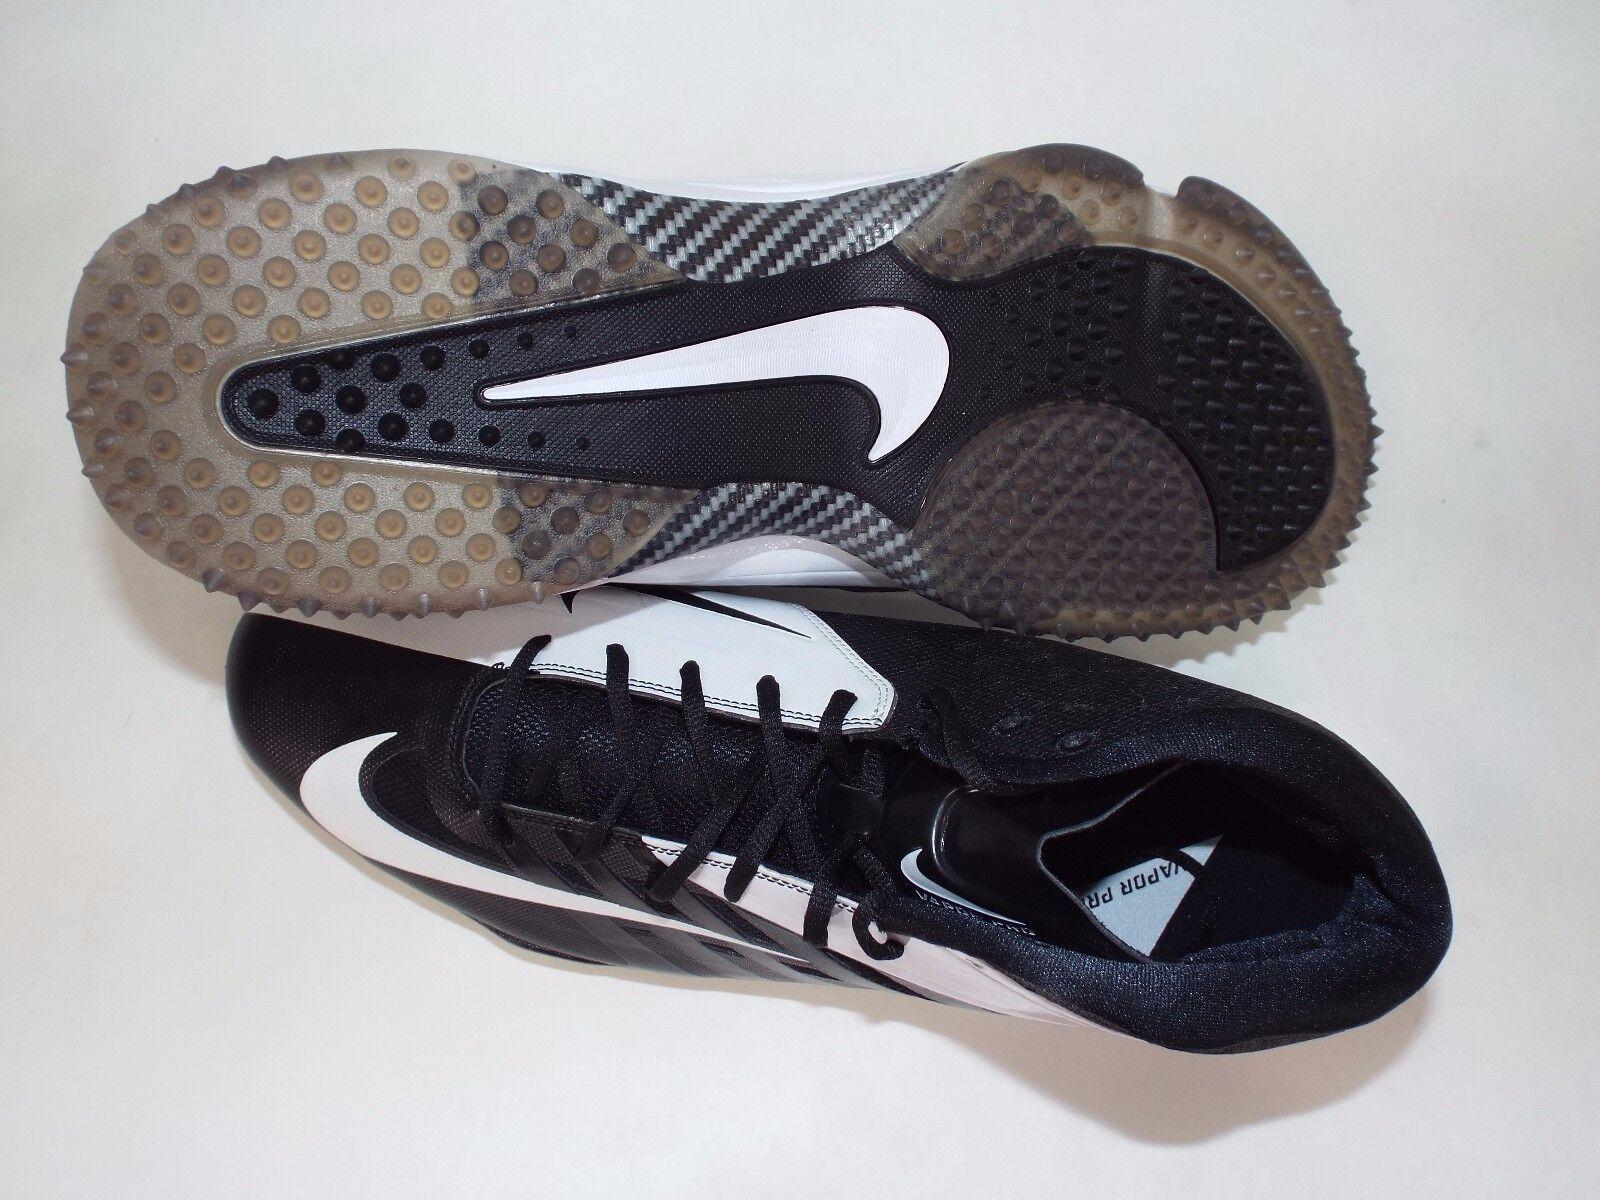 neue männer 18 nike 4 vapor pro 3 / 4 nike nubby schwarz - weiße fußballschuhe schuhe 105 527878-011 1f1b3a